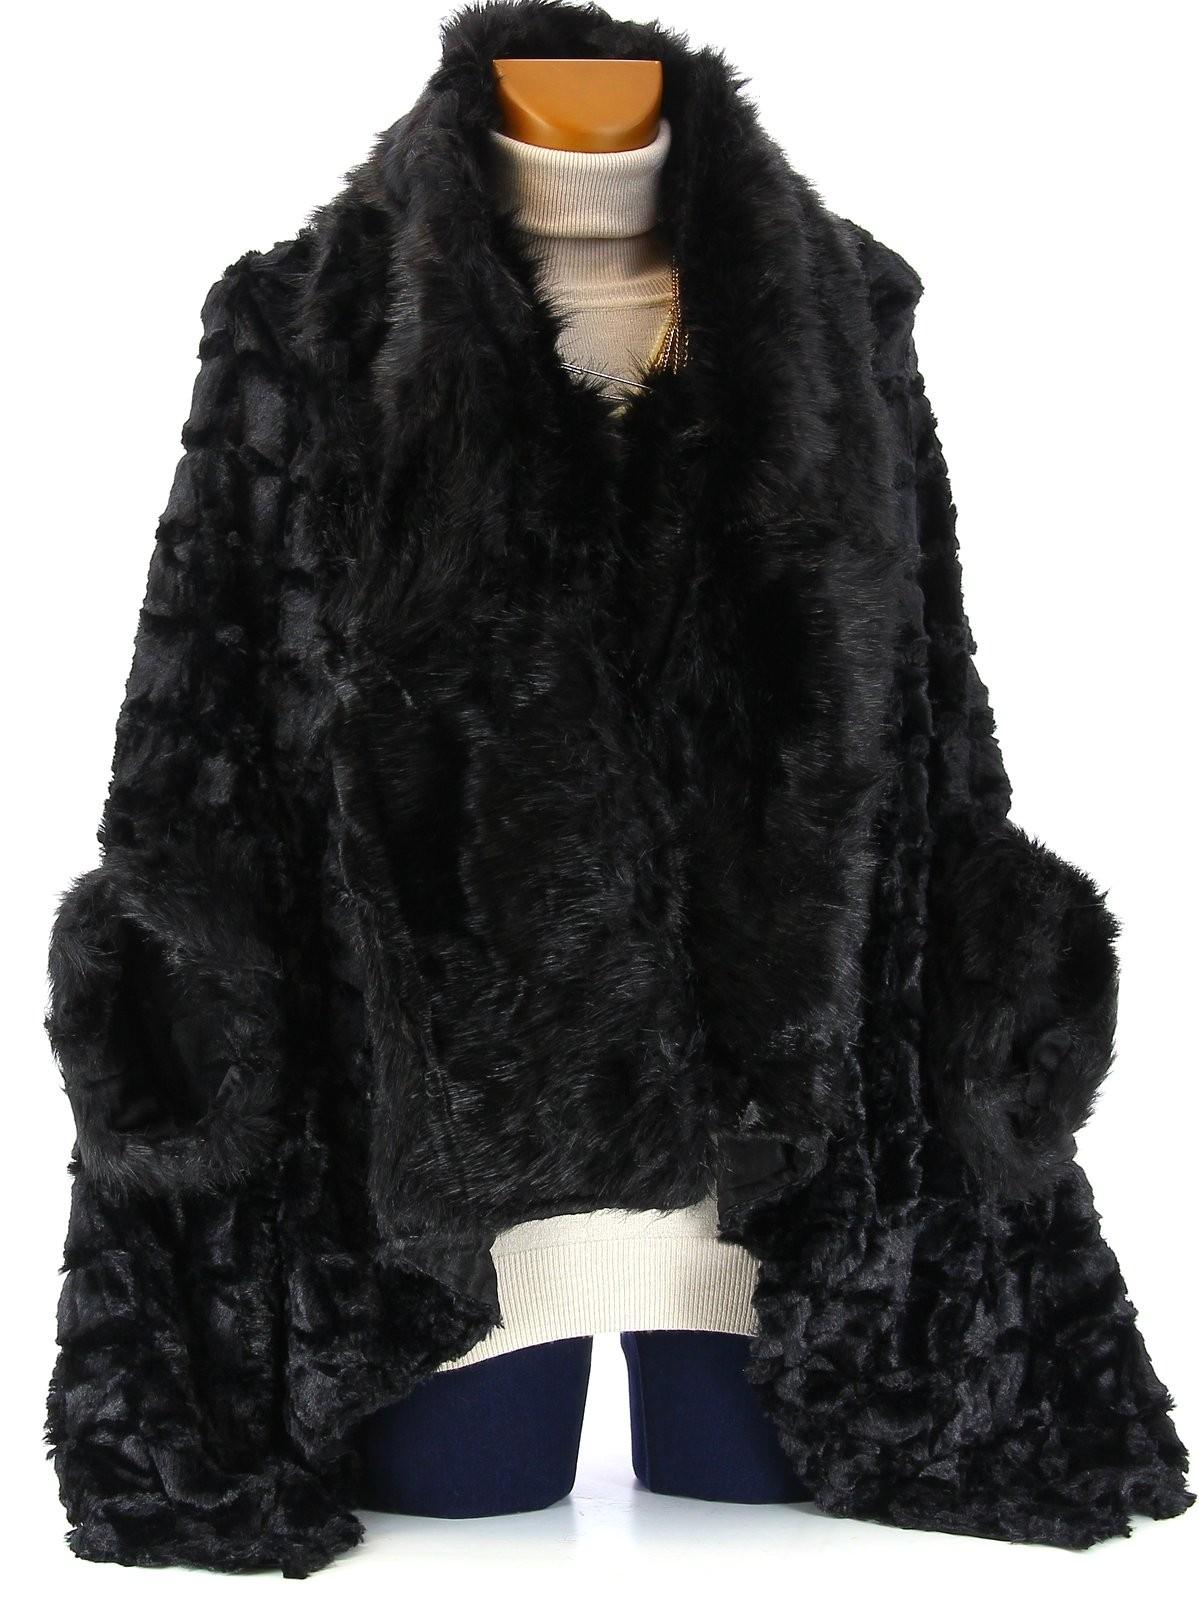 manteau poncho cape femme noir manteaux populaires et. Black Bedroom Furniture Sets. Home Design Ideas